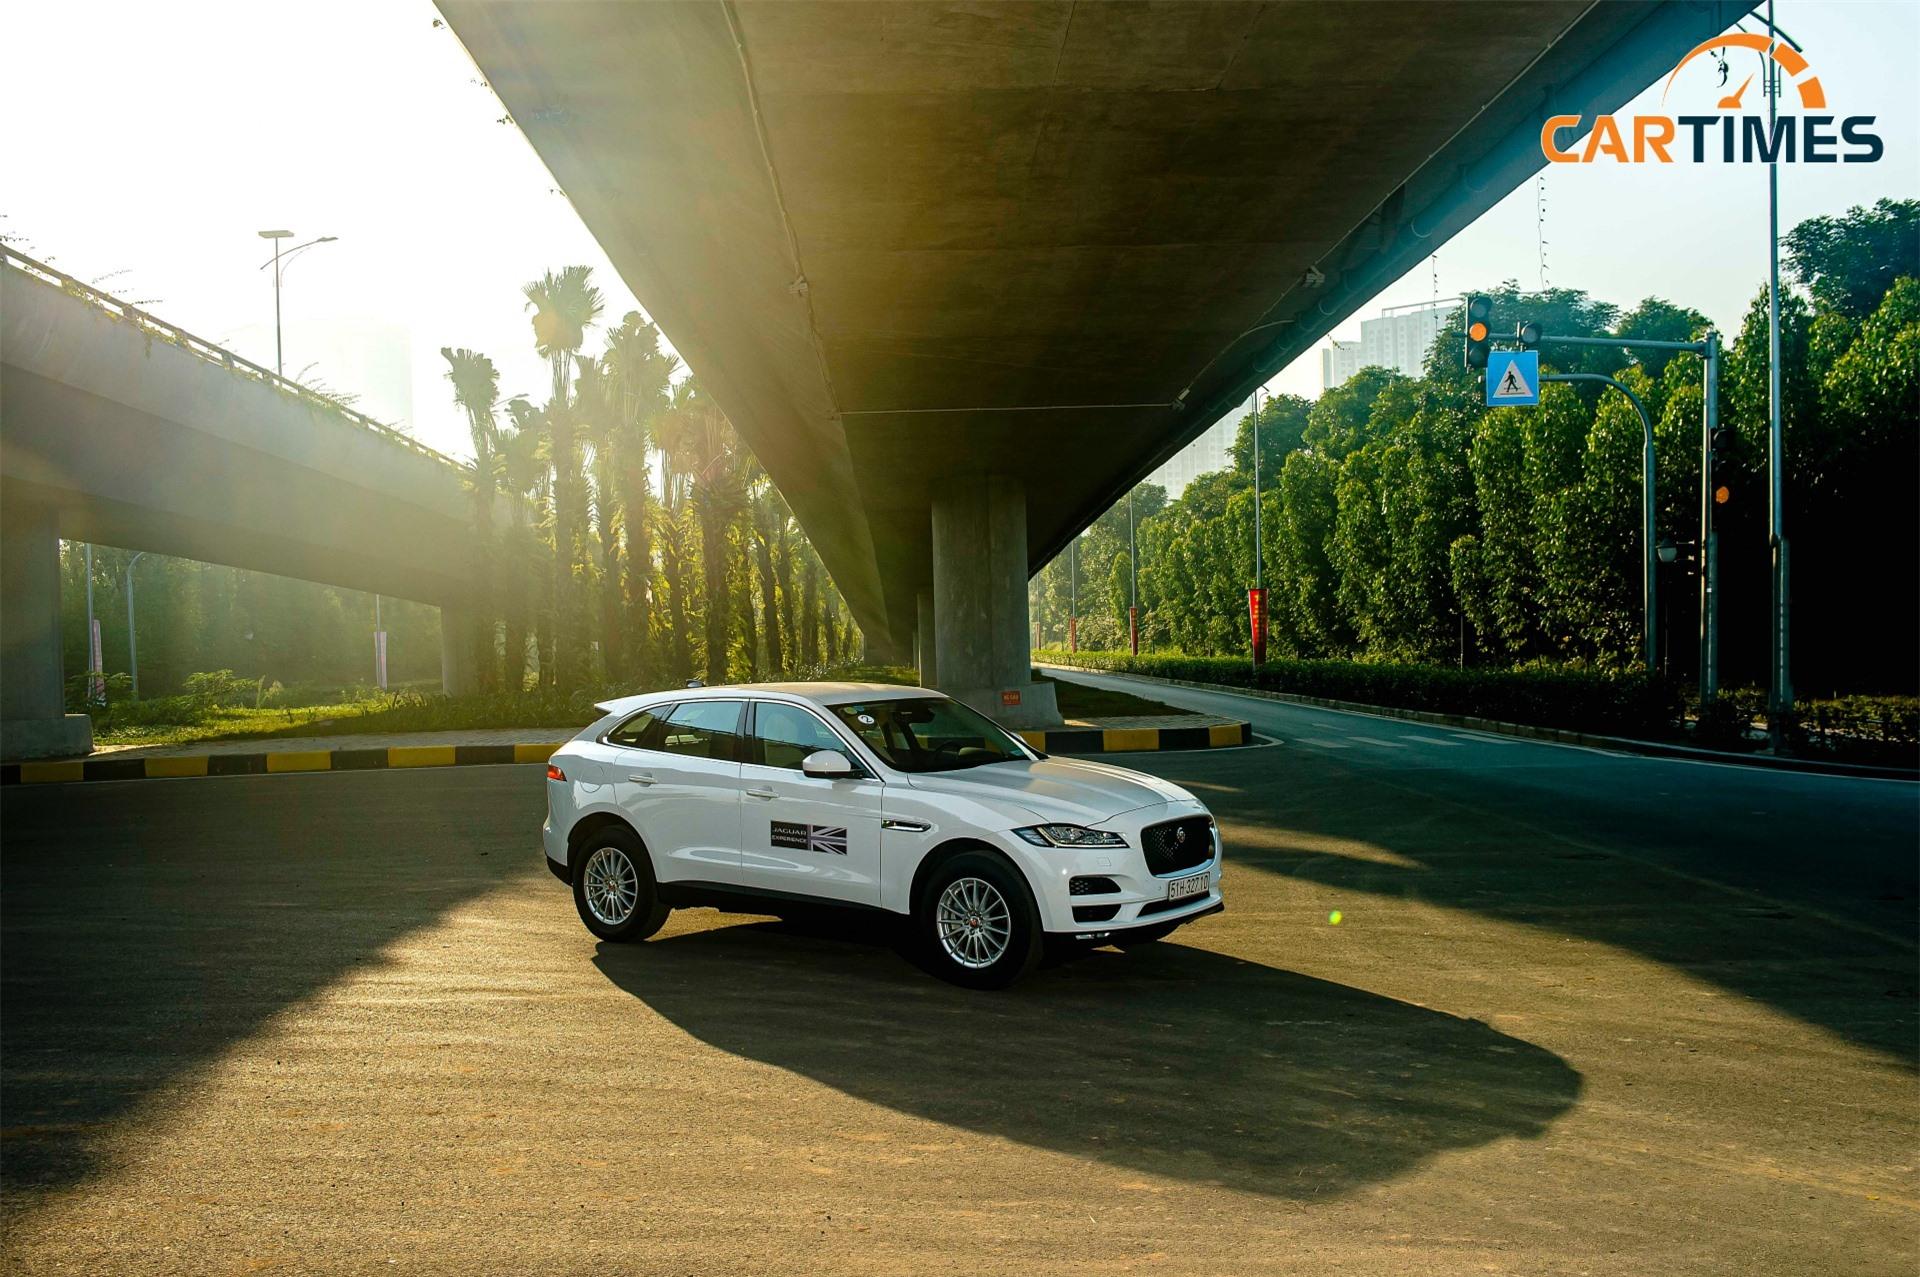 F-Pace là mẫu xe bán chạy nhất của Jaguar ở thời điểm hiện tại